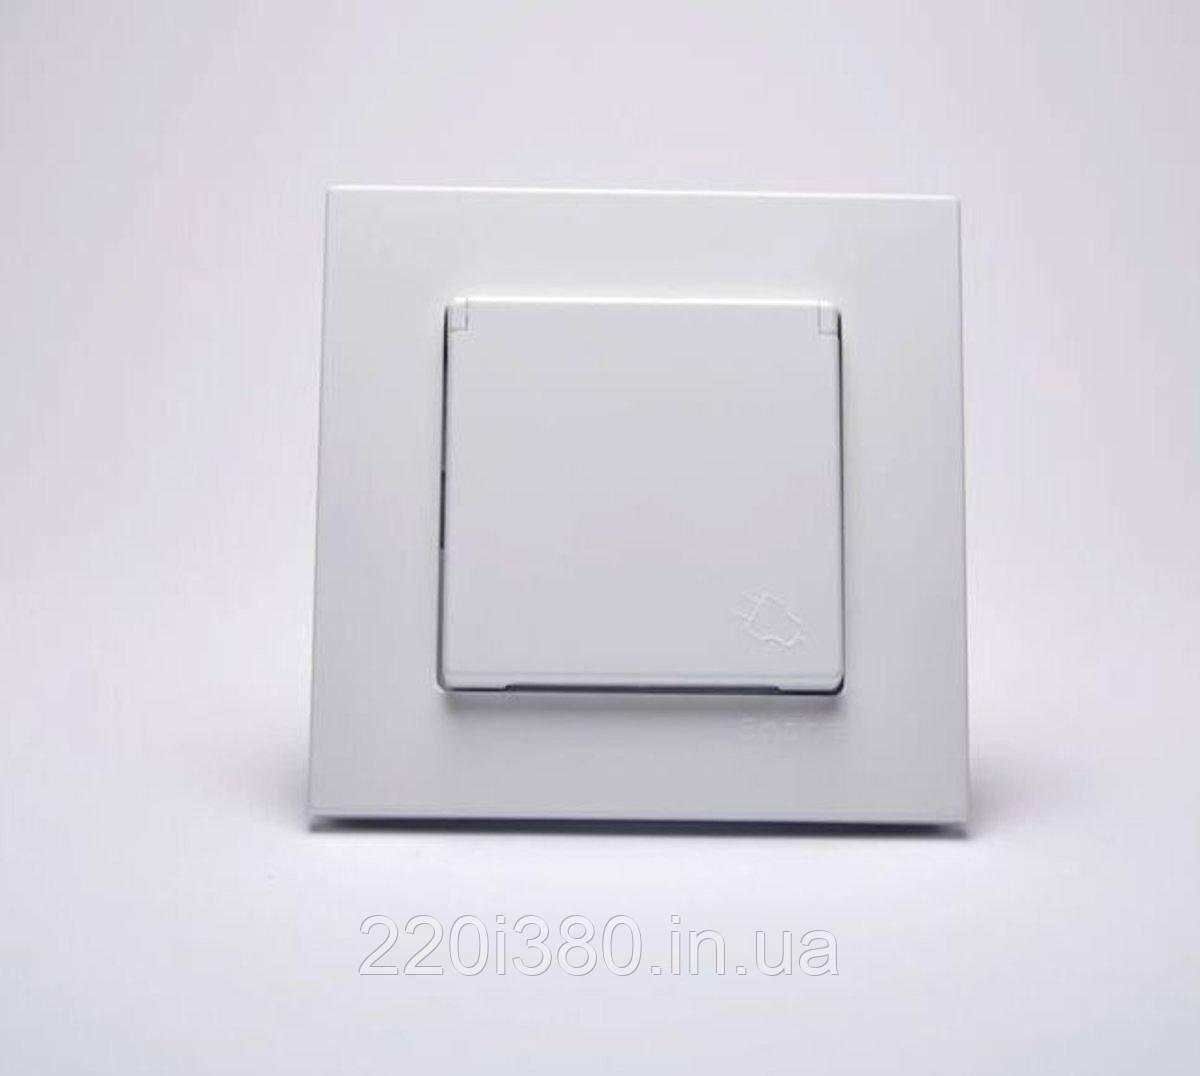 Eqona Выкл. 1-клав. белый